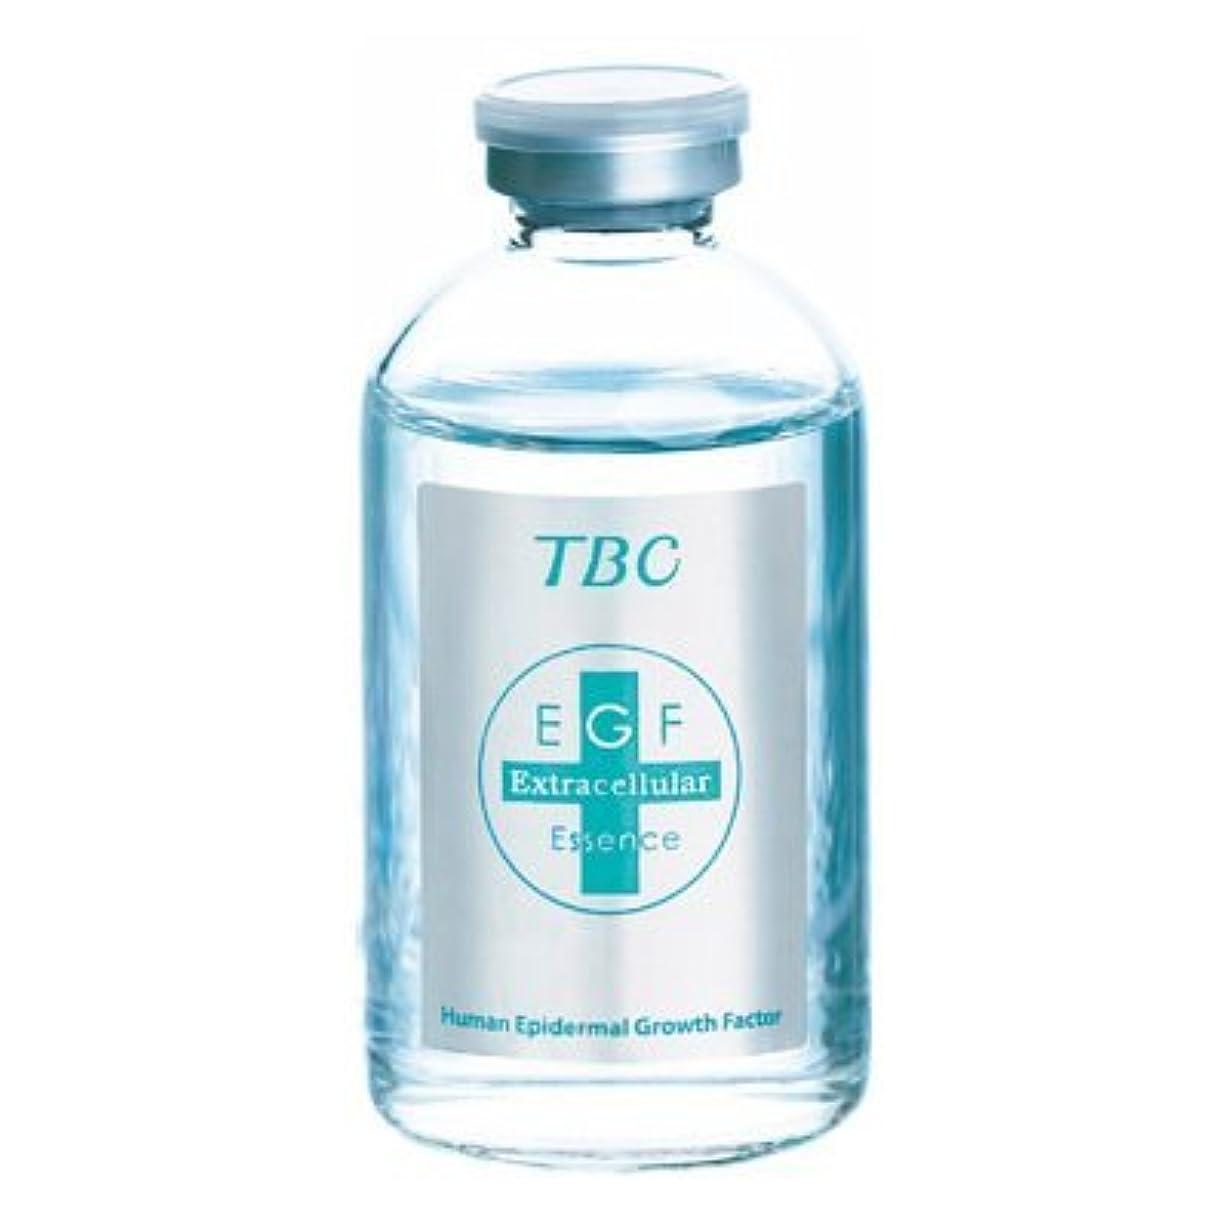 食用愛情略語TBC EGF エクストラエッセンス 60ml [並行輸入品]